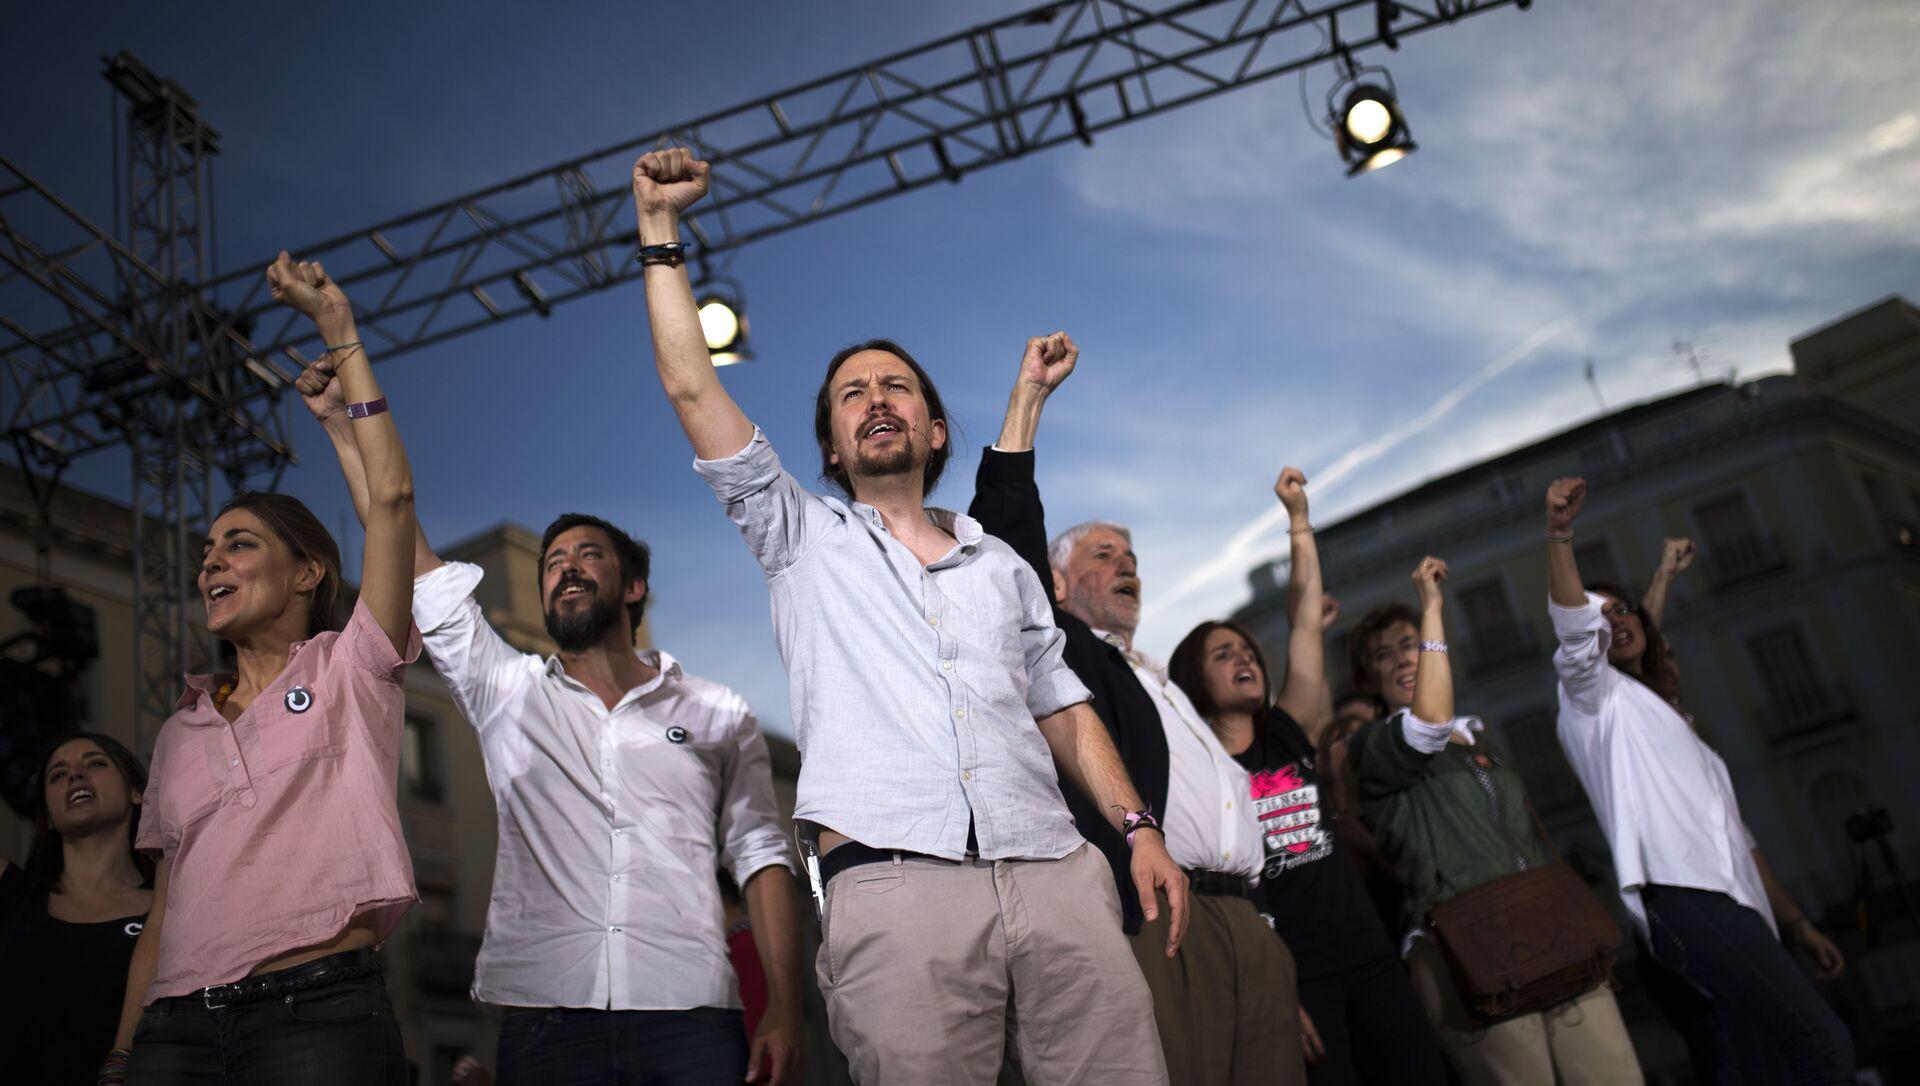 Pablo Iglesias en una concentración - Sputnik Mundo, 1920, 21.08.2020